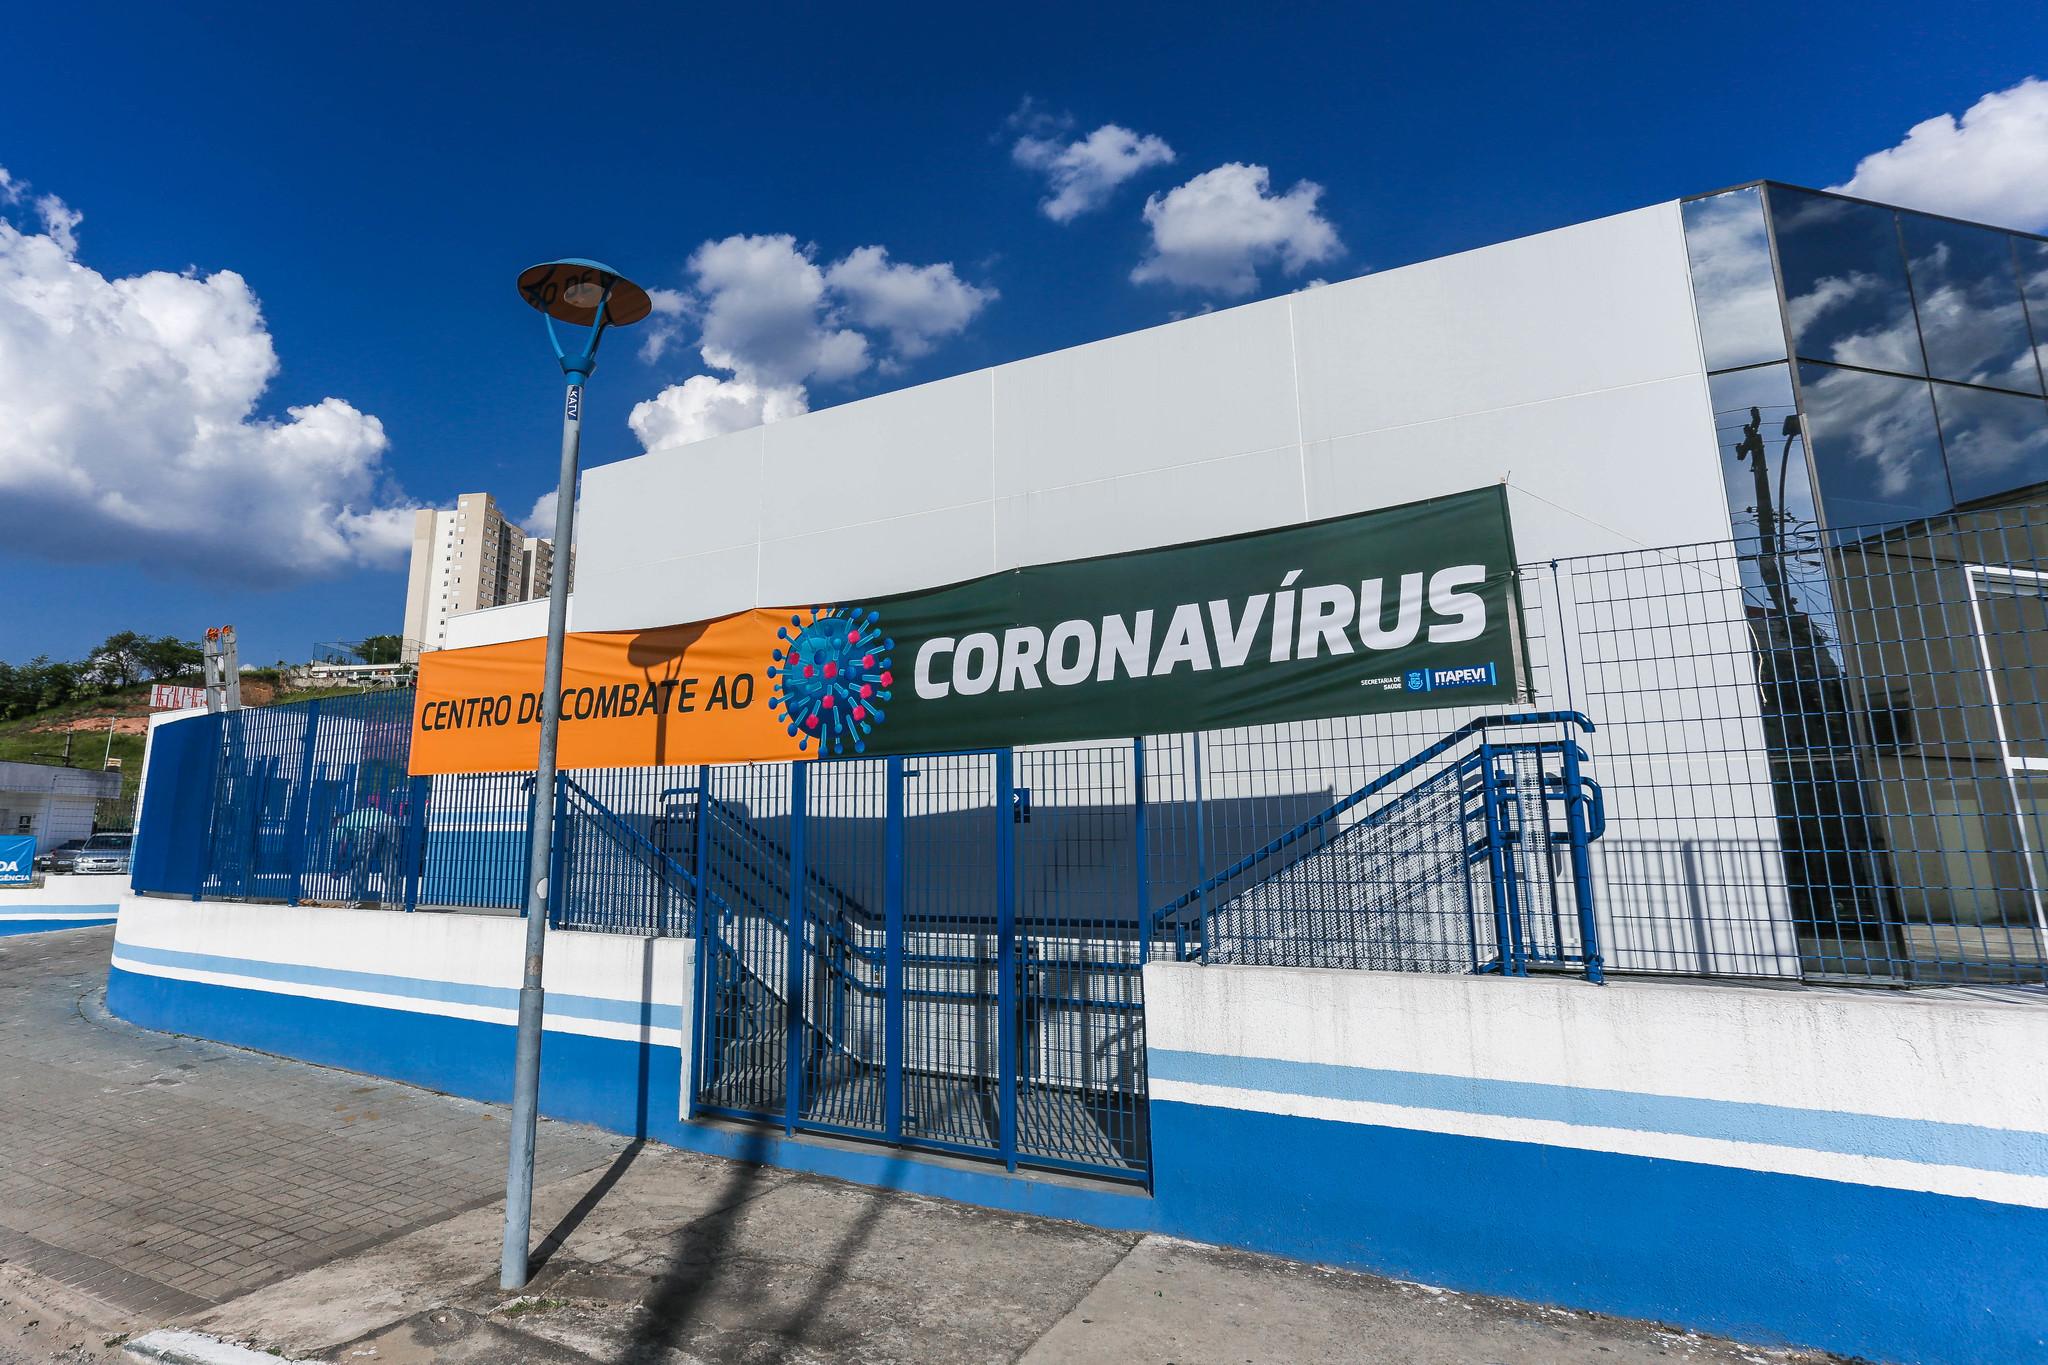 Prefeitura de Itapevi amplia ala do Centro de Combate ao Coronavírus no PS Central